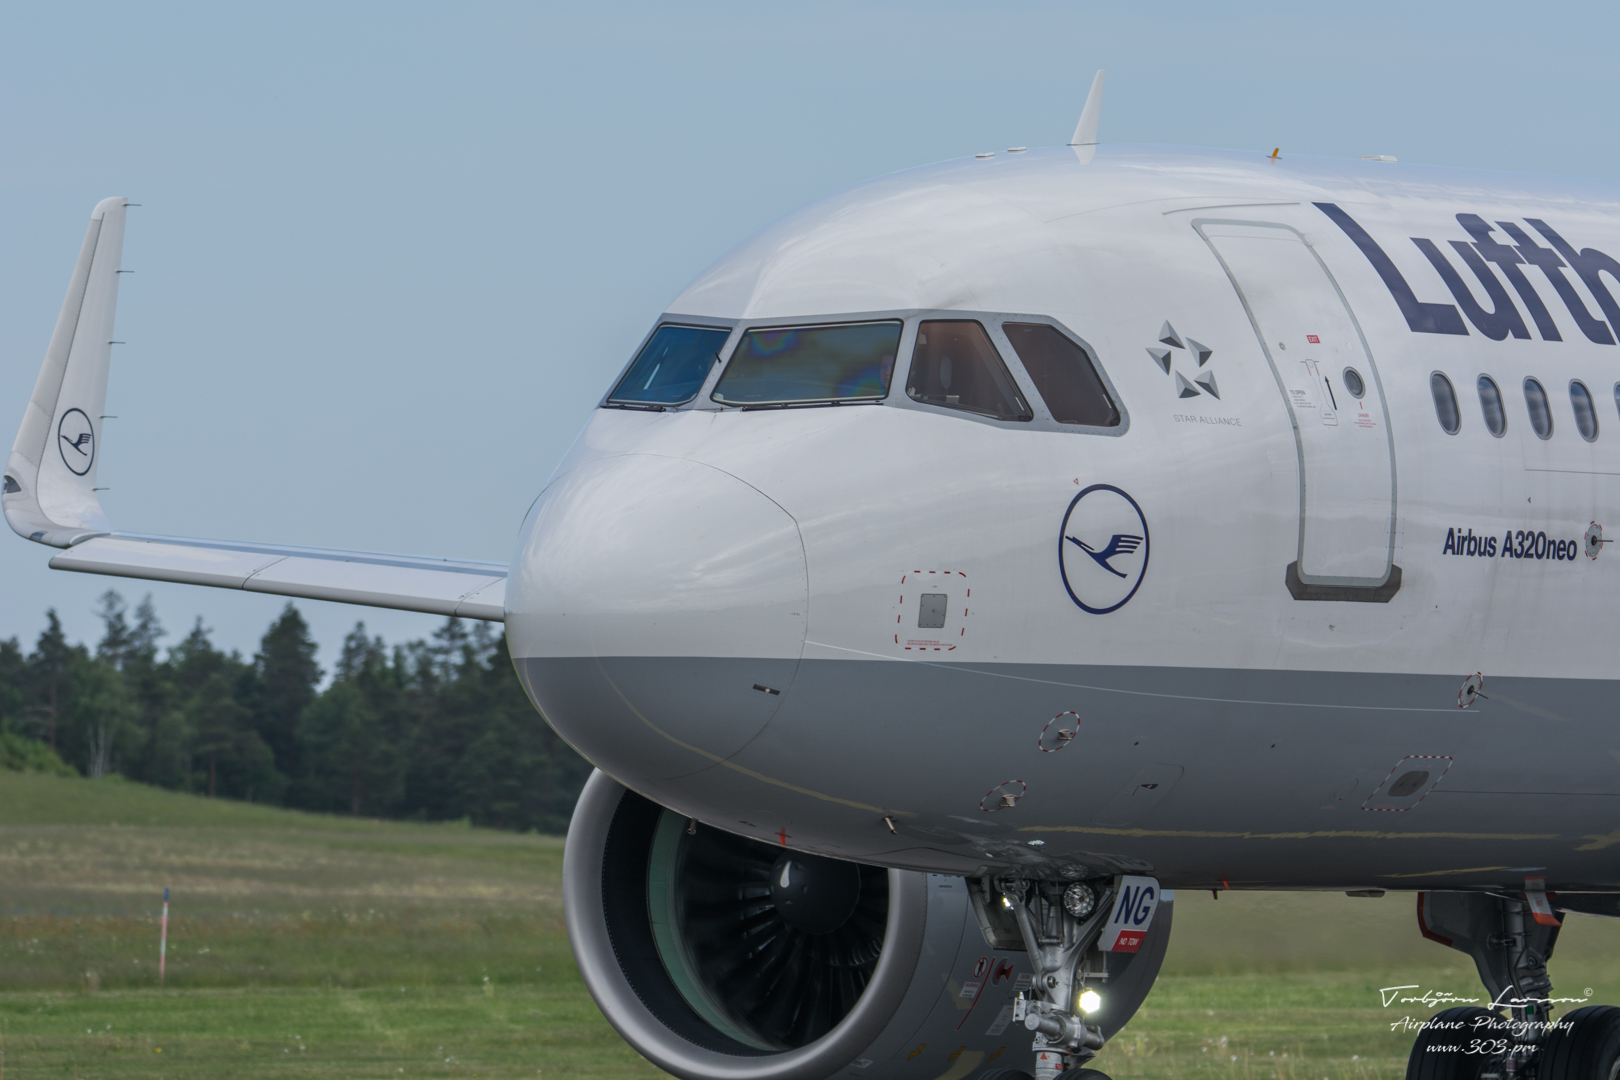 TBE_8197-Airbus A320-271N(SL) - Lufthansa - (D-AING)